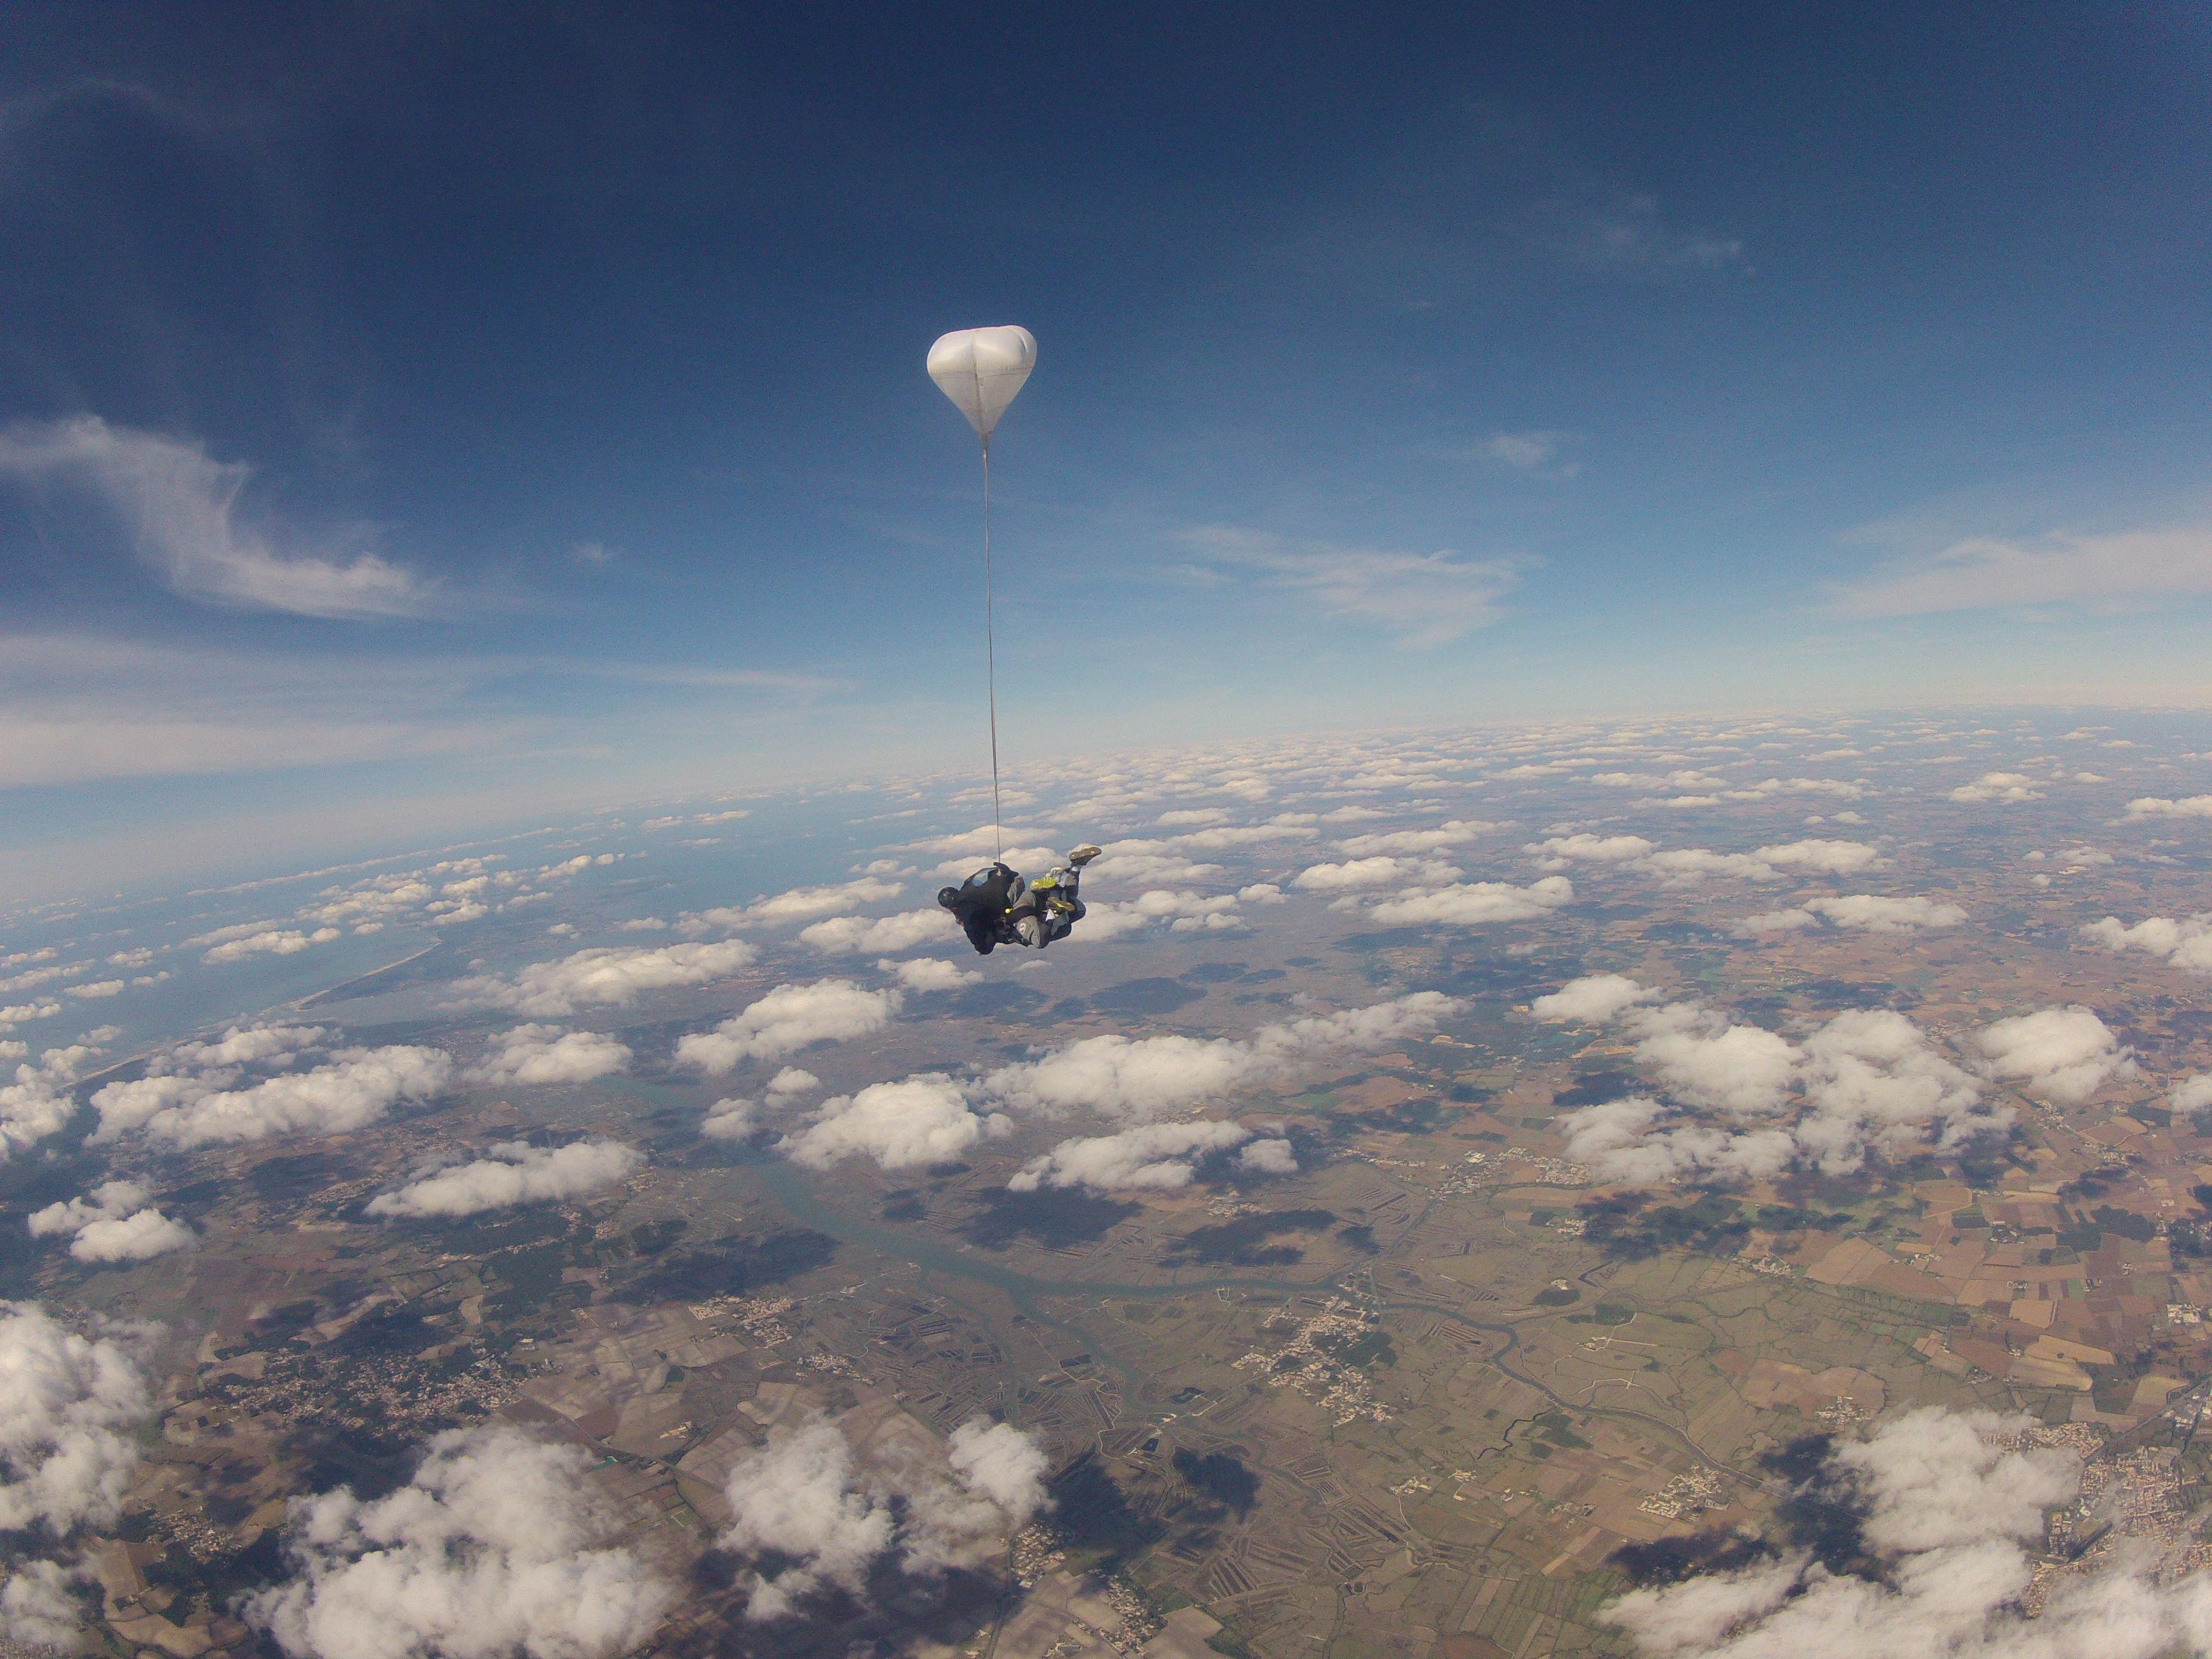 определённо картинка десантники прыжок парашют небо станет вашим